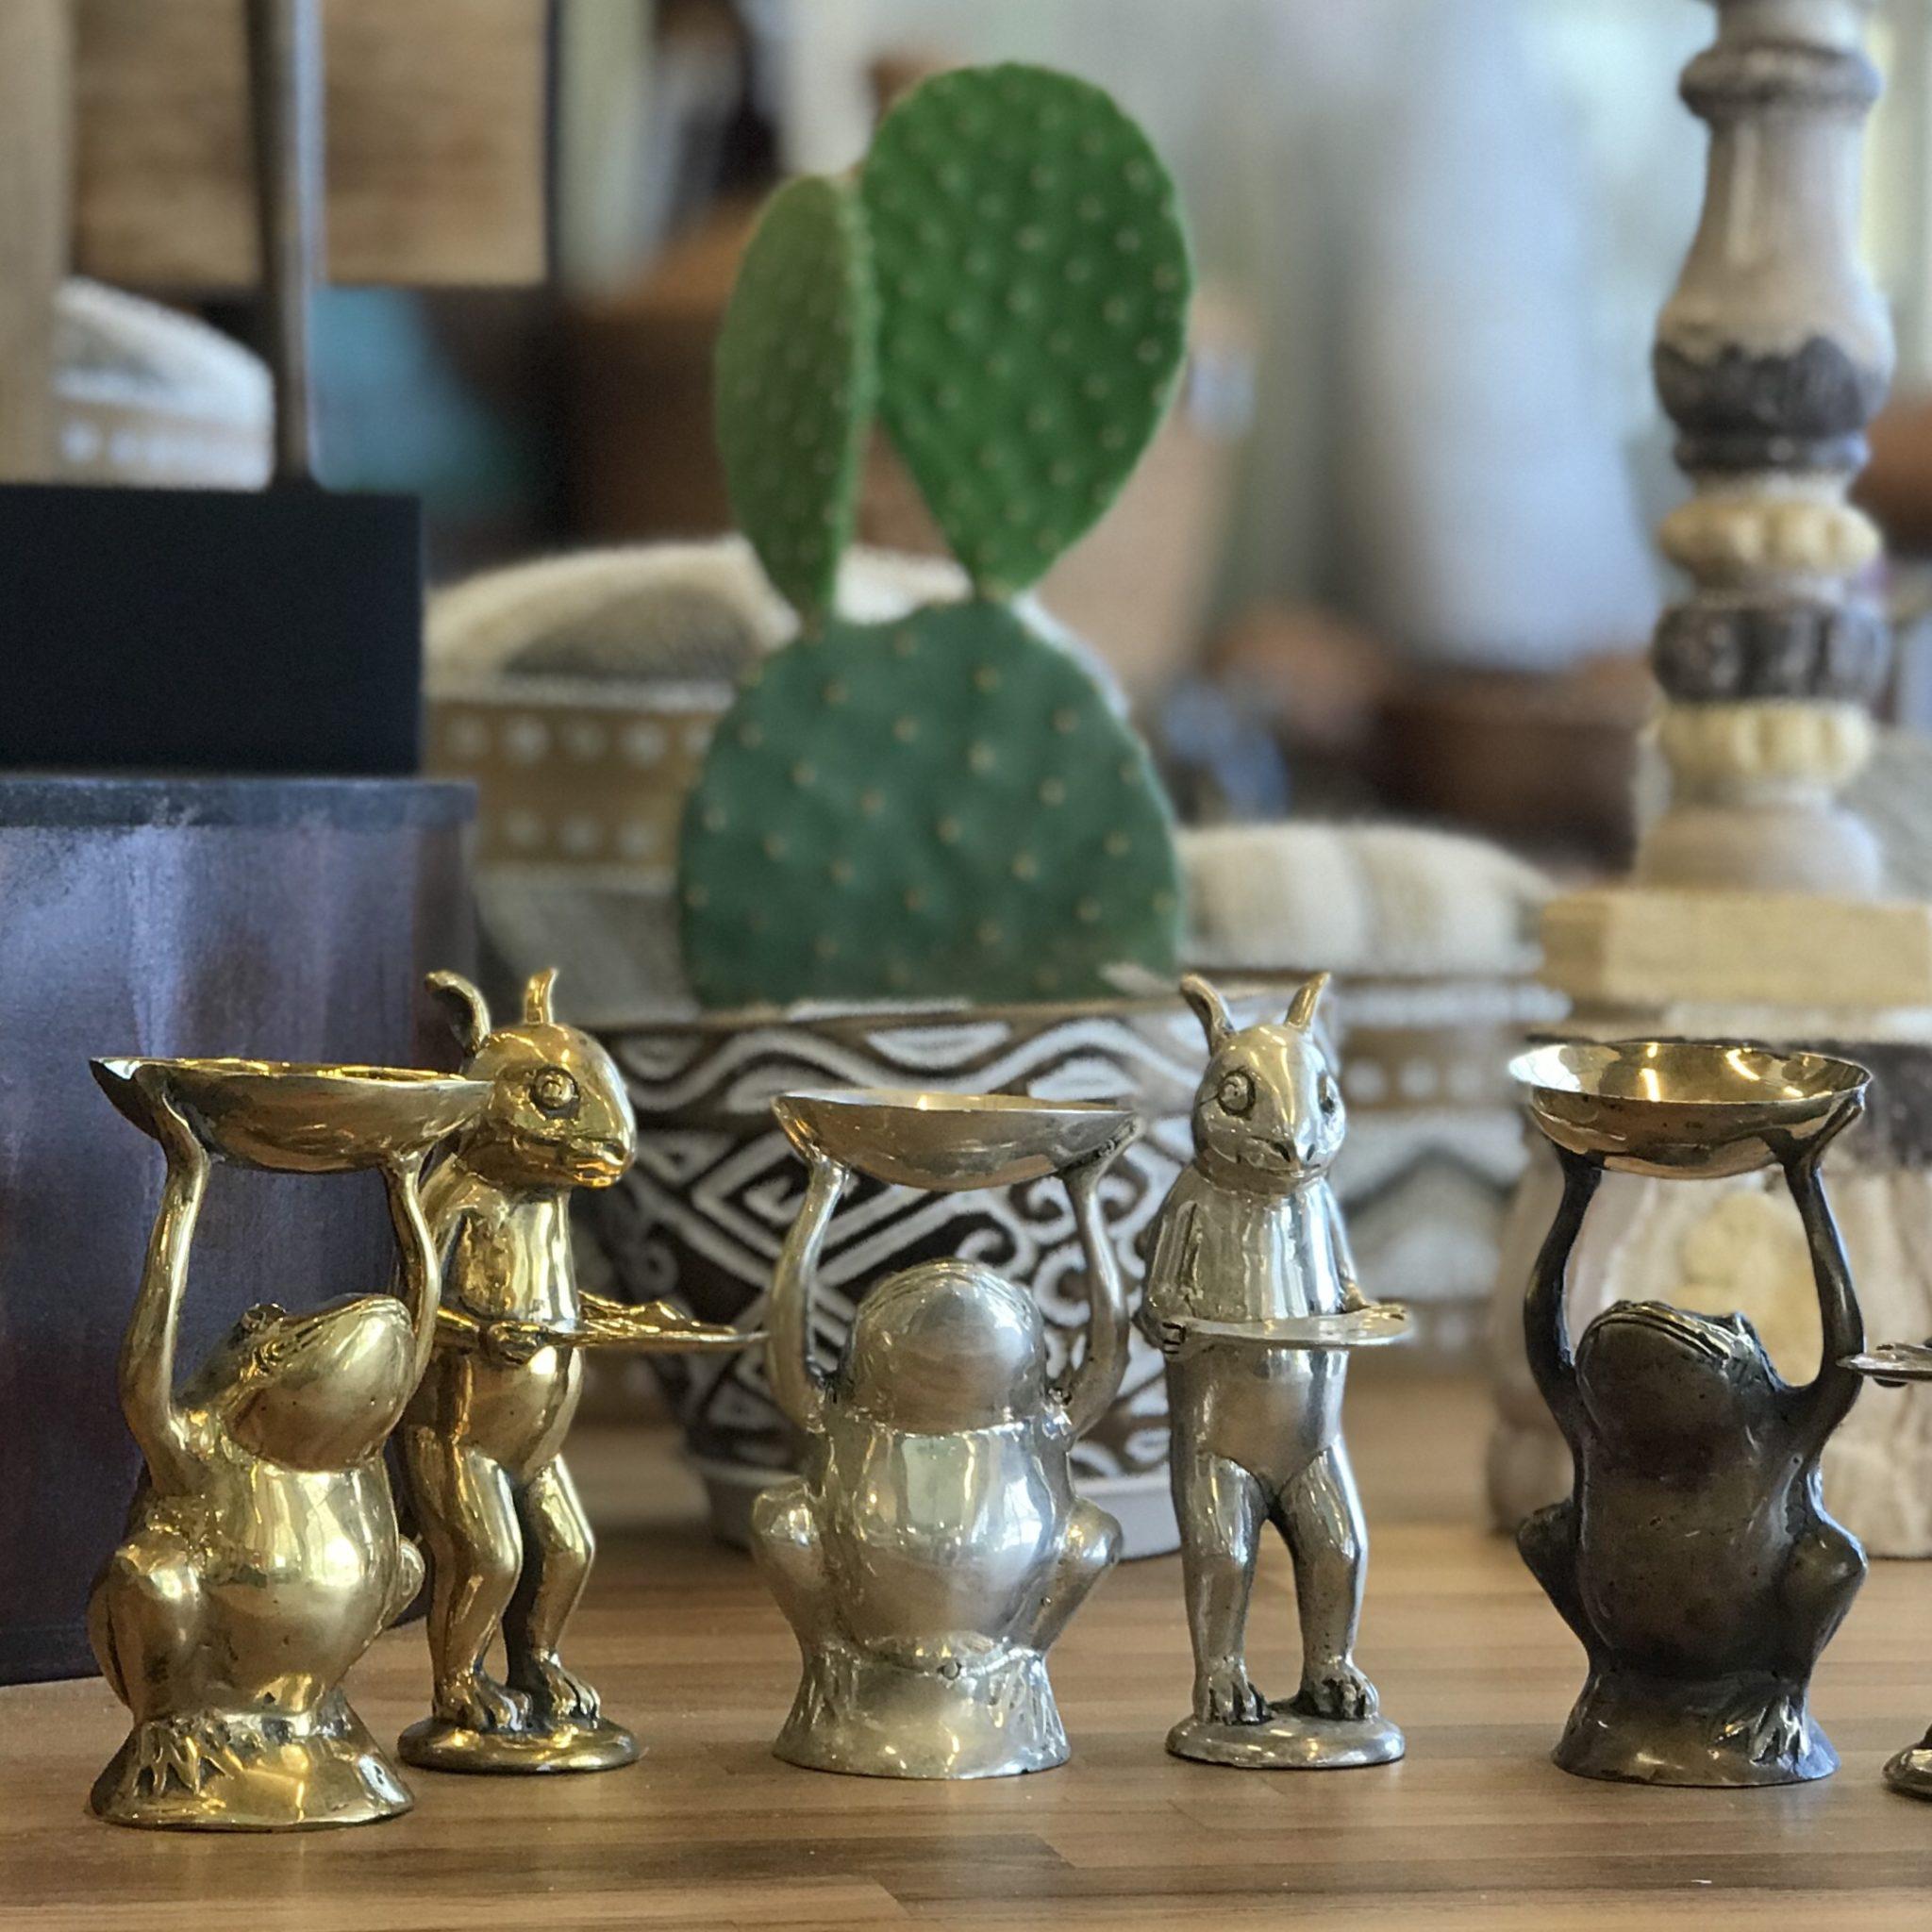 カエルのオブジェ/ウサギのオブジェ/真鍮の置き物/アジアン雑貨